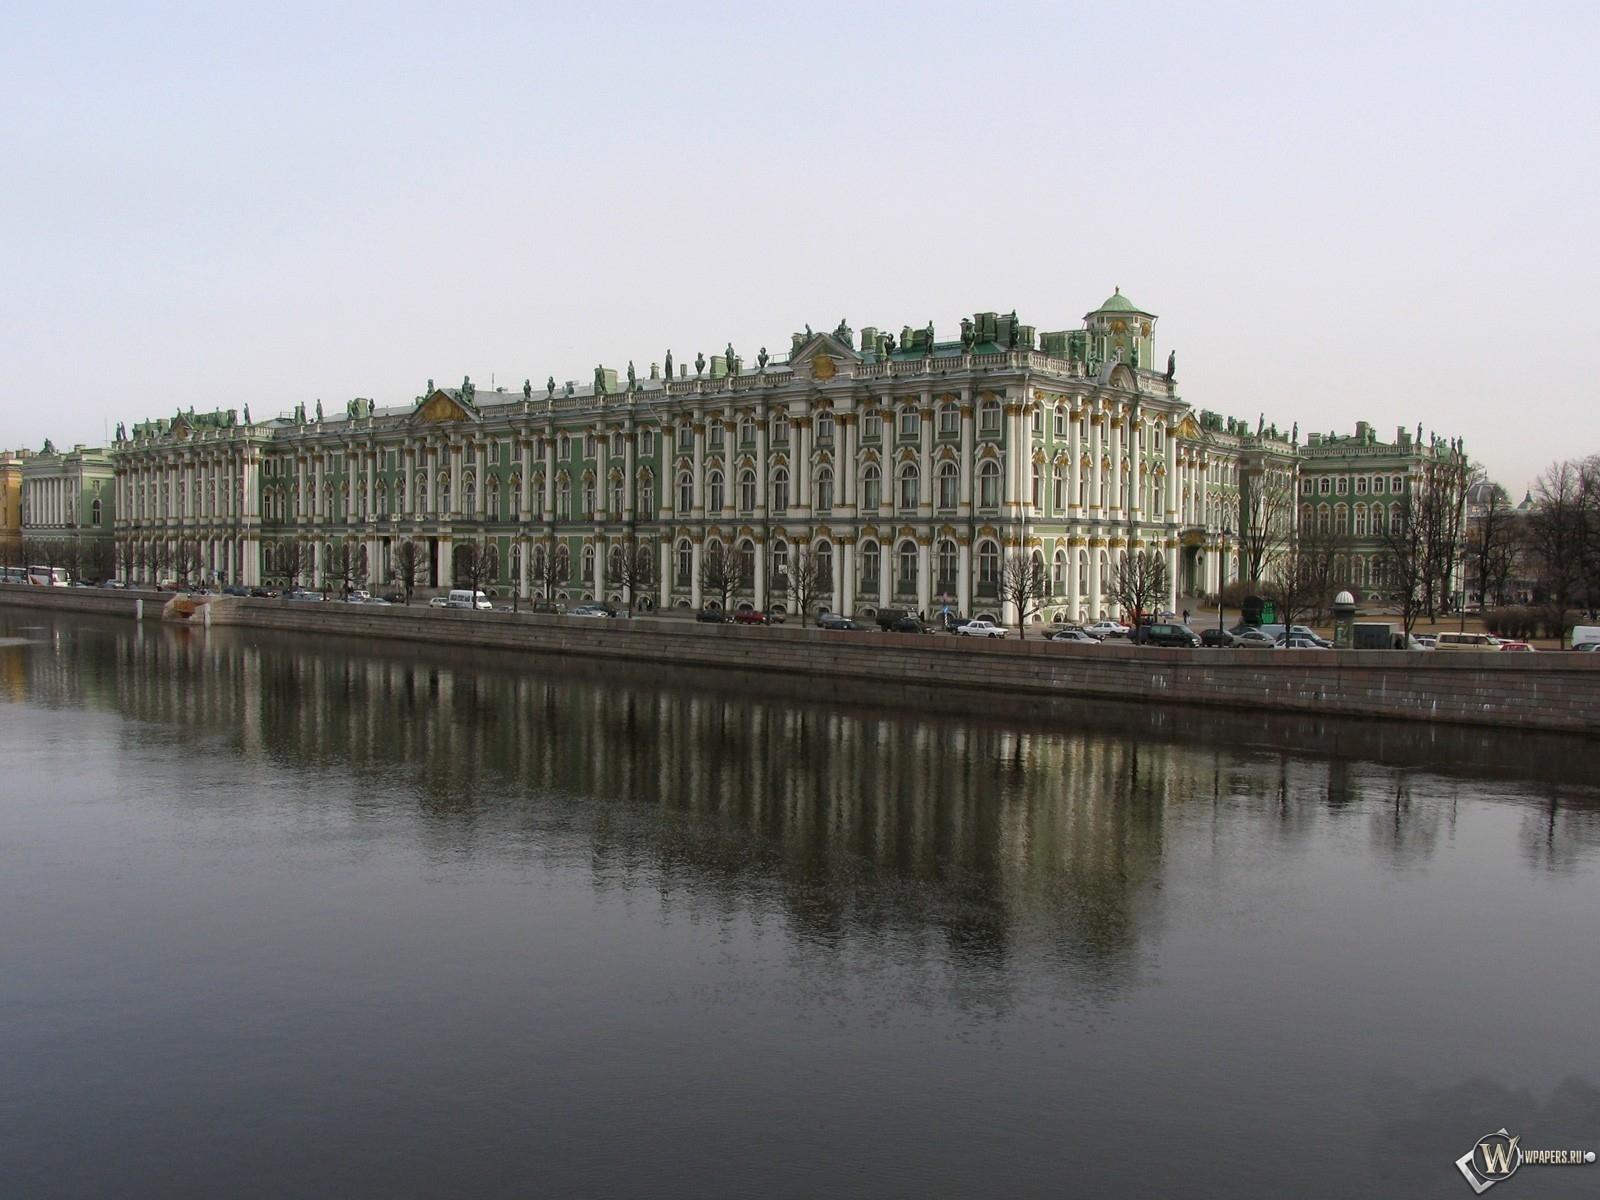 Набережная Санкт-Петербург 1600x1200